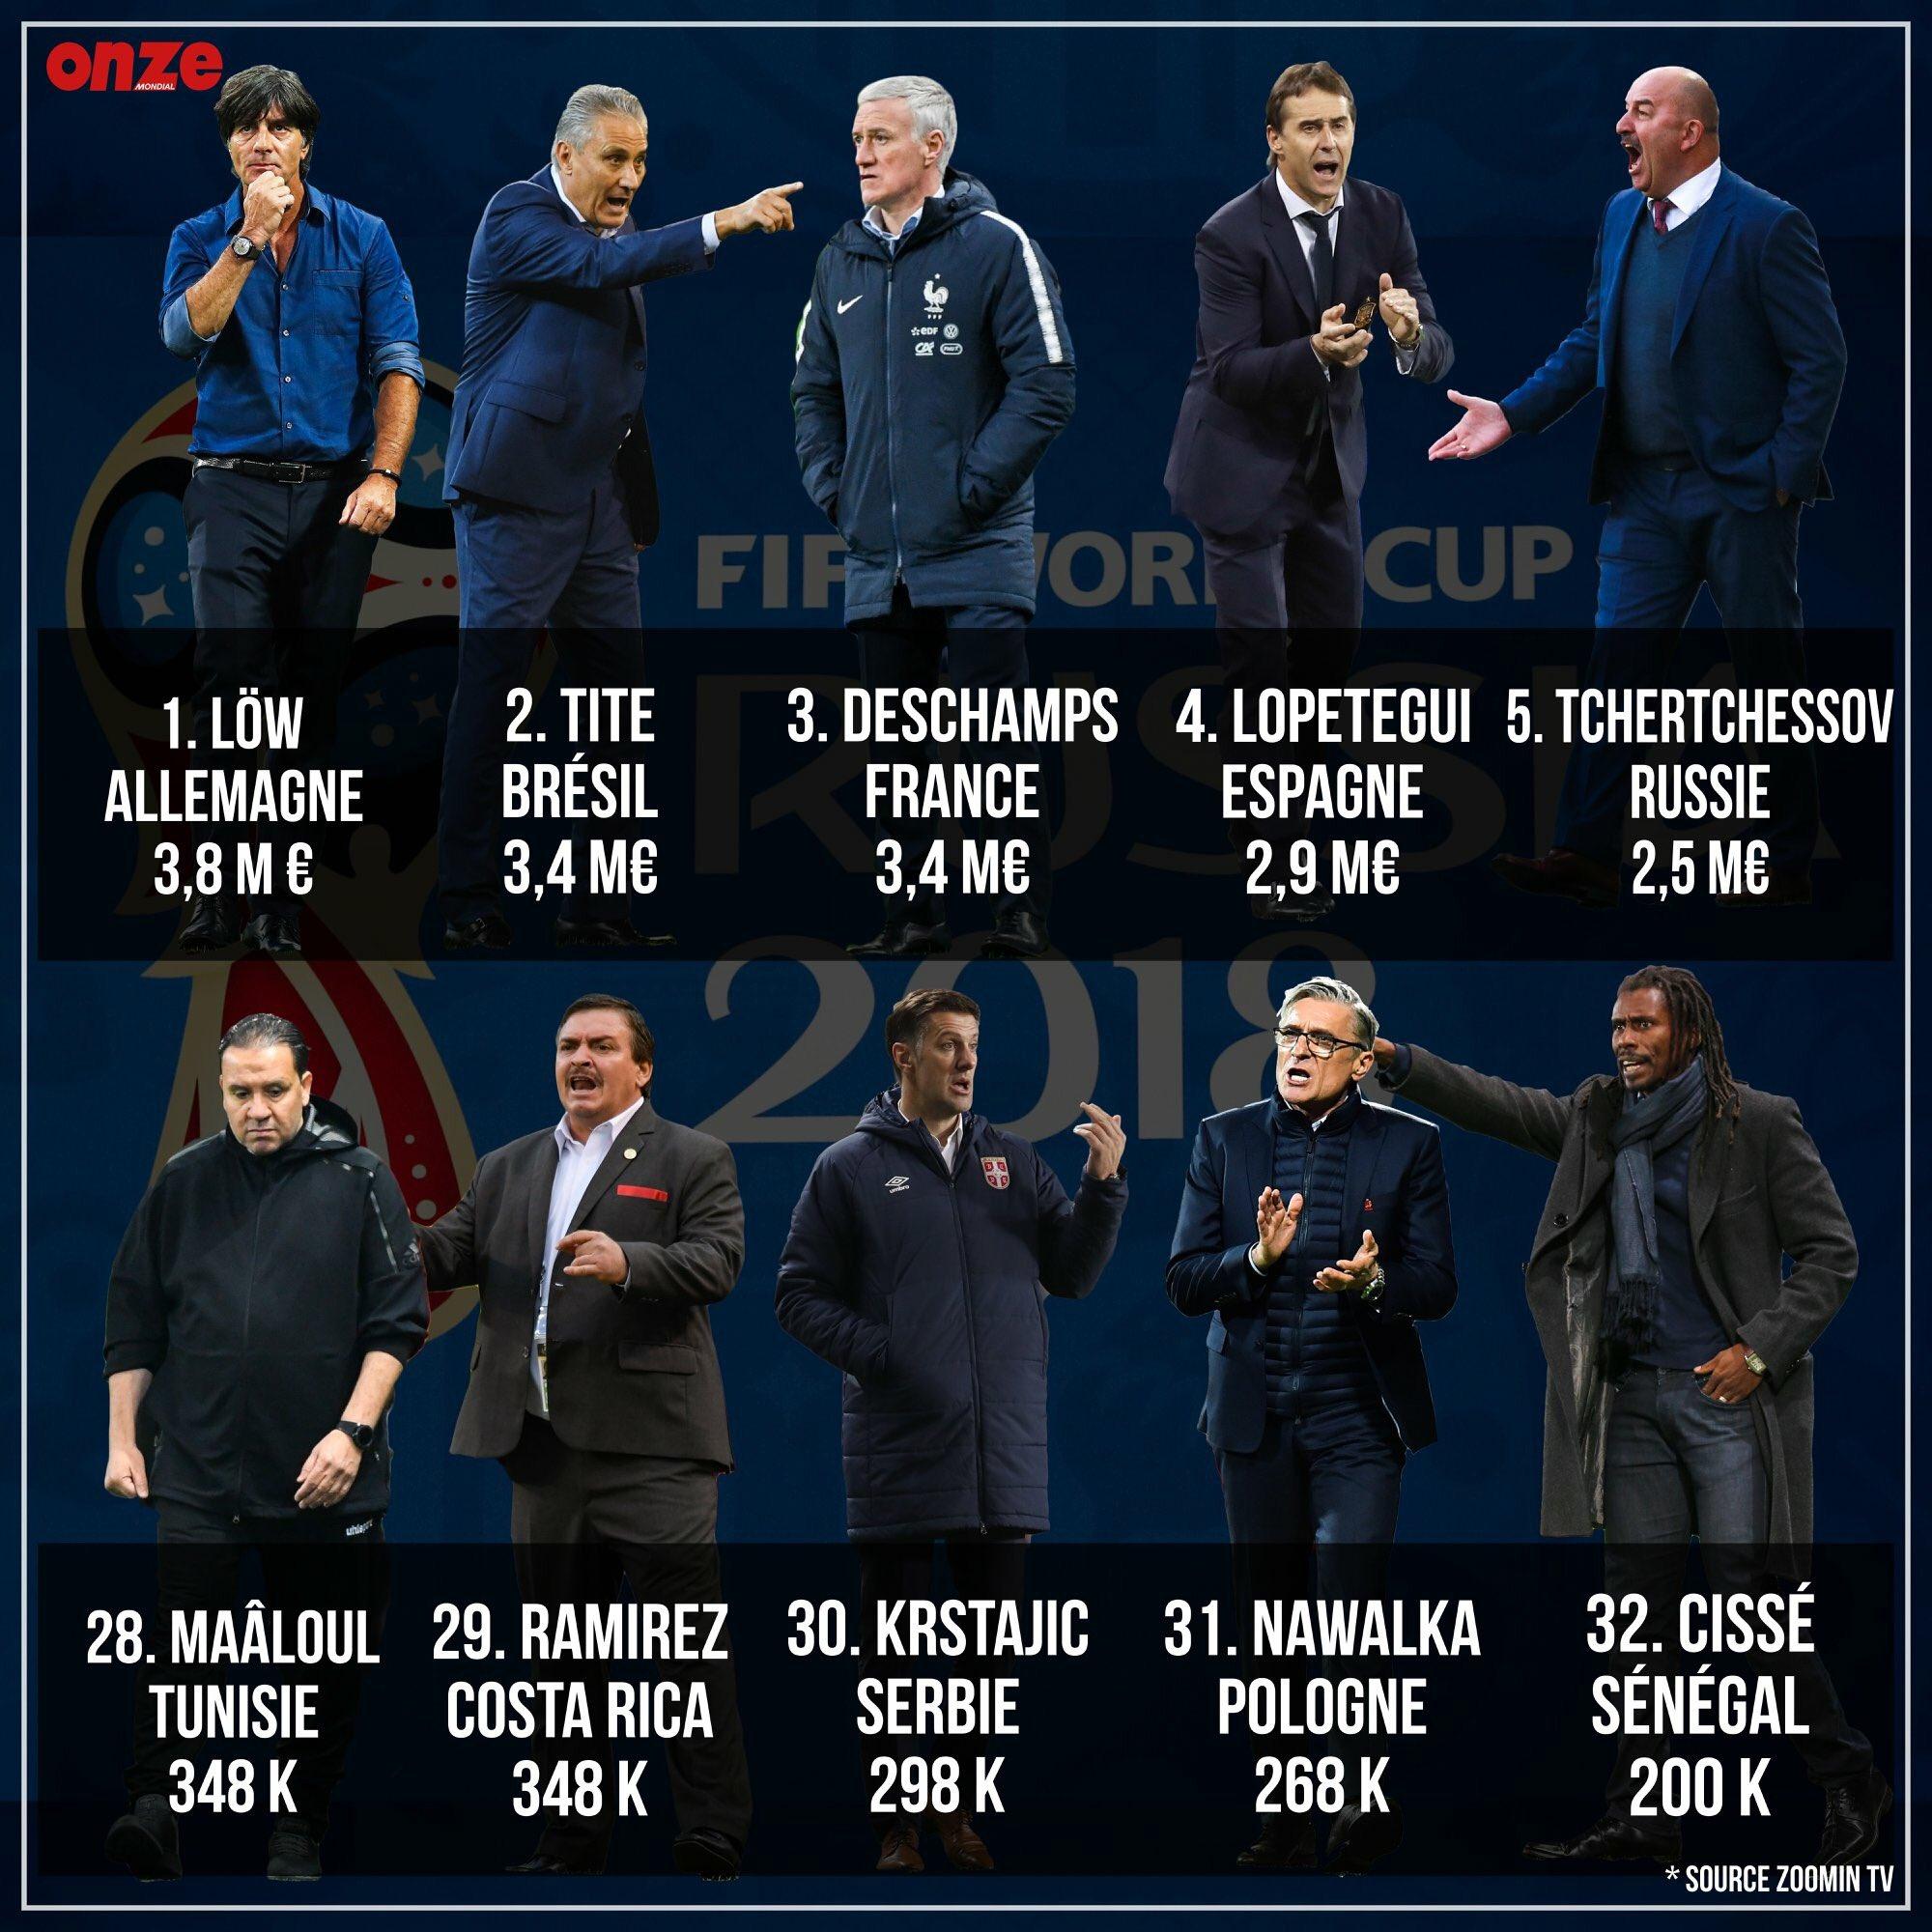 گران ترین و ارزان ترین مربیان جام جهانی 2018 روسیه مشخص شدند+عکس